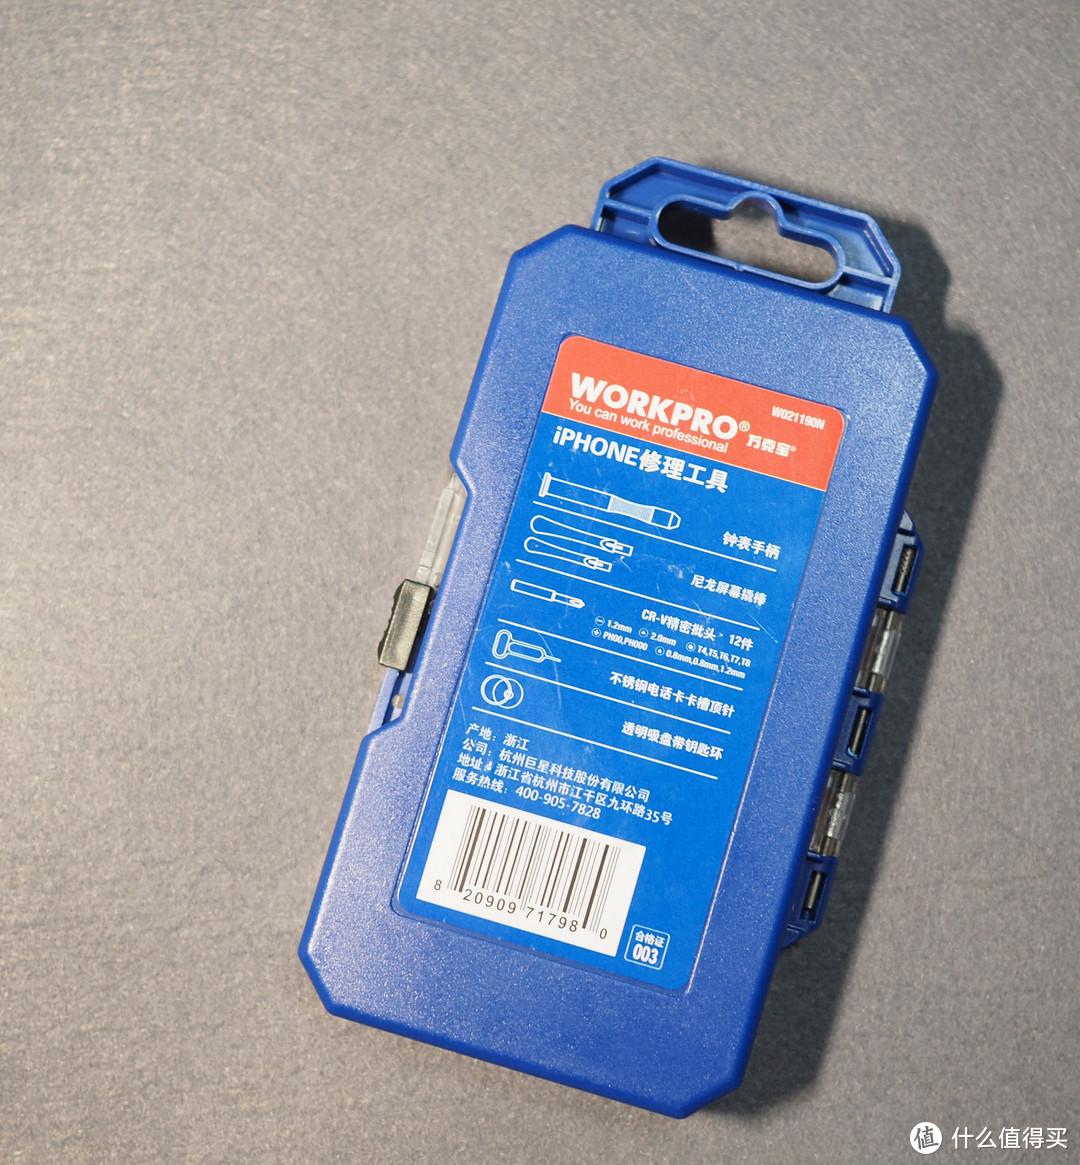 WORKPRO 万克宝 18件套 iphone 修理工具套装 开箱